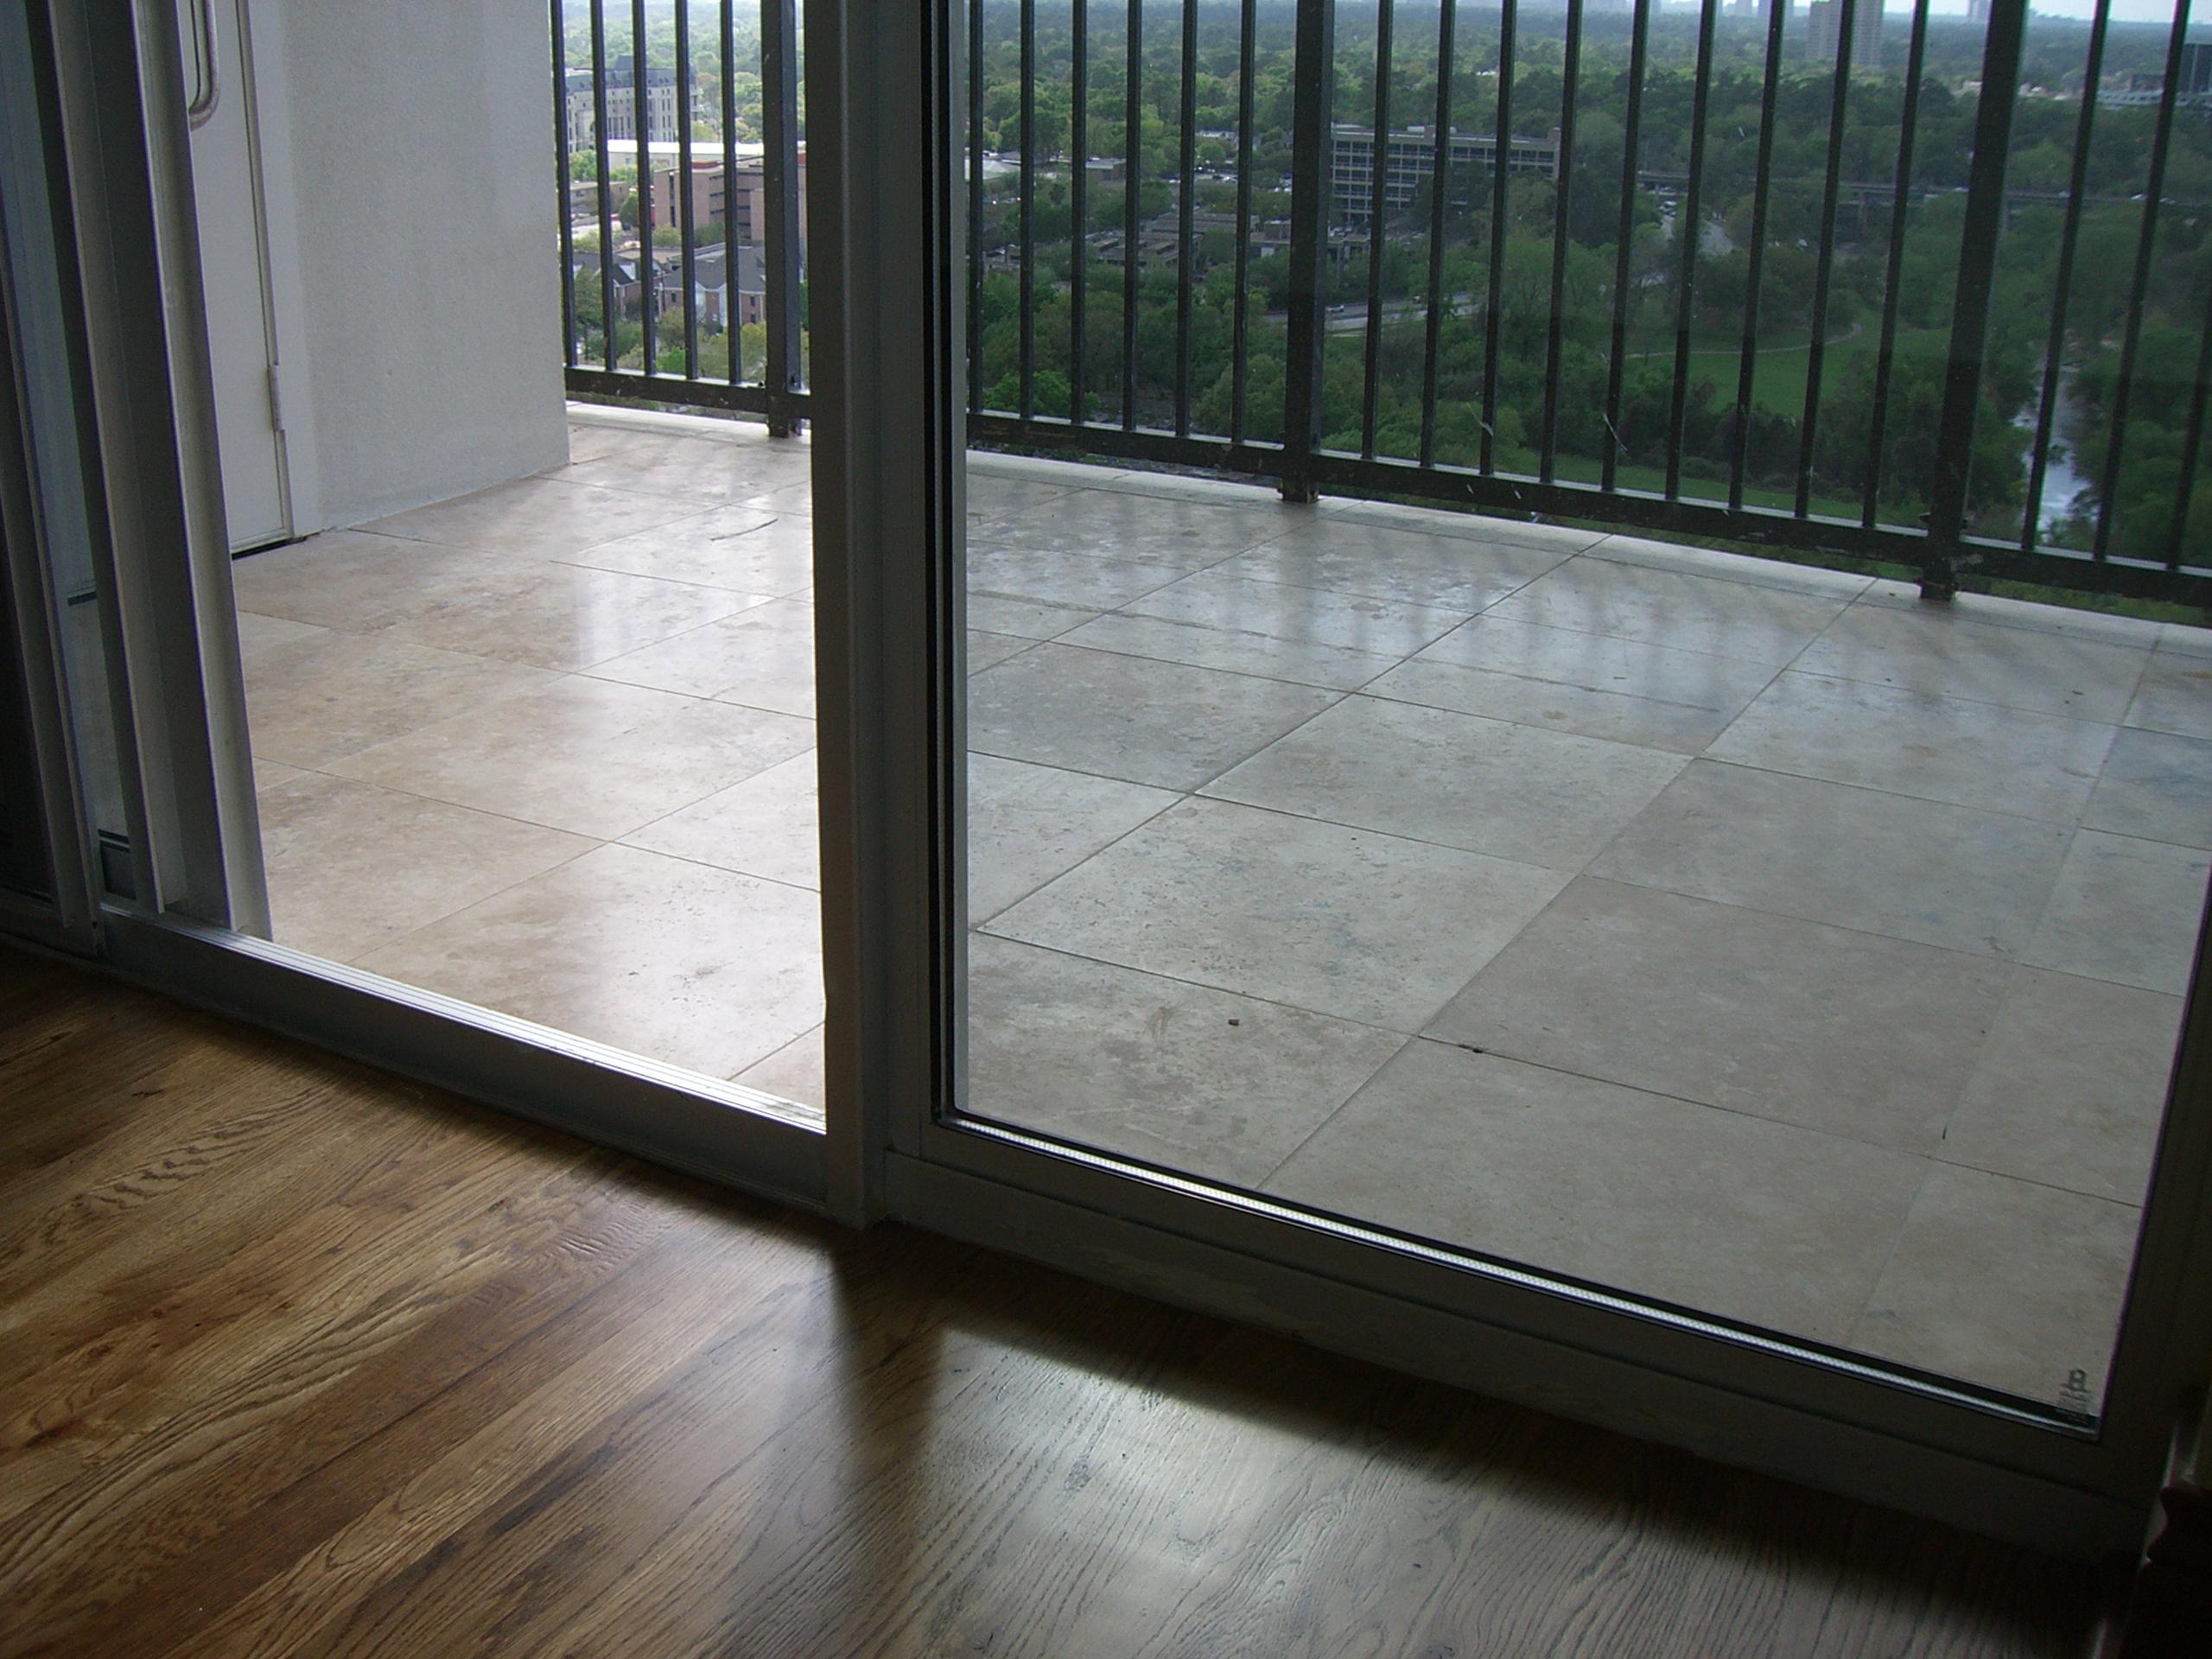 Balcony Tile